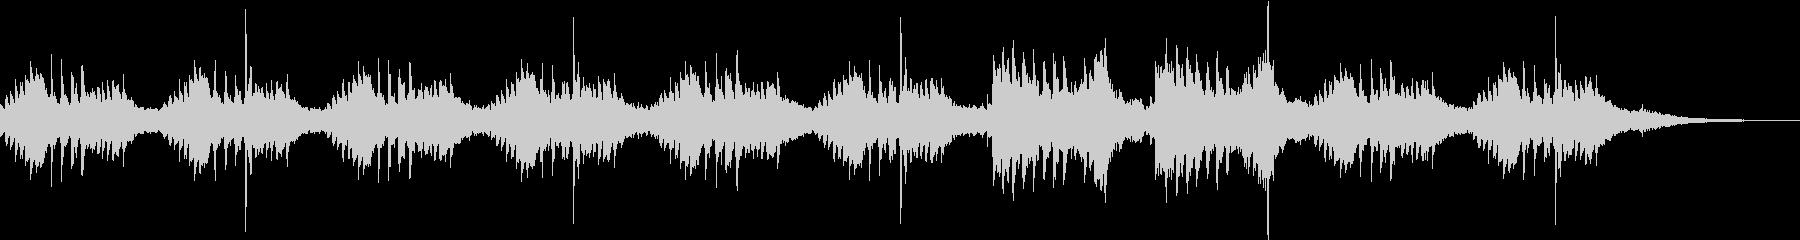 おだやかでゆったりとしたピアノバラードの未再生の波形